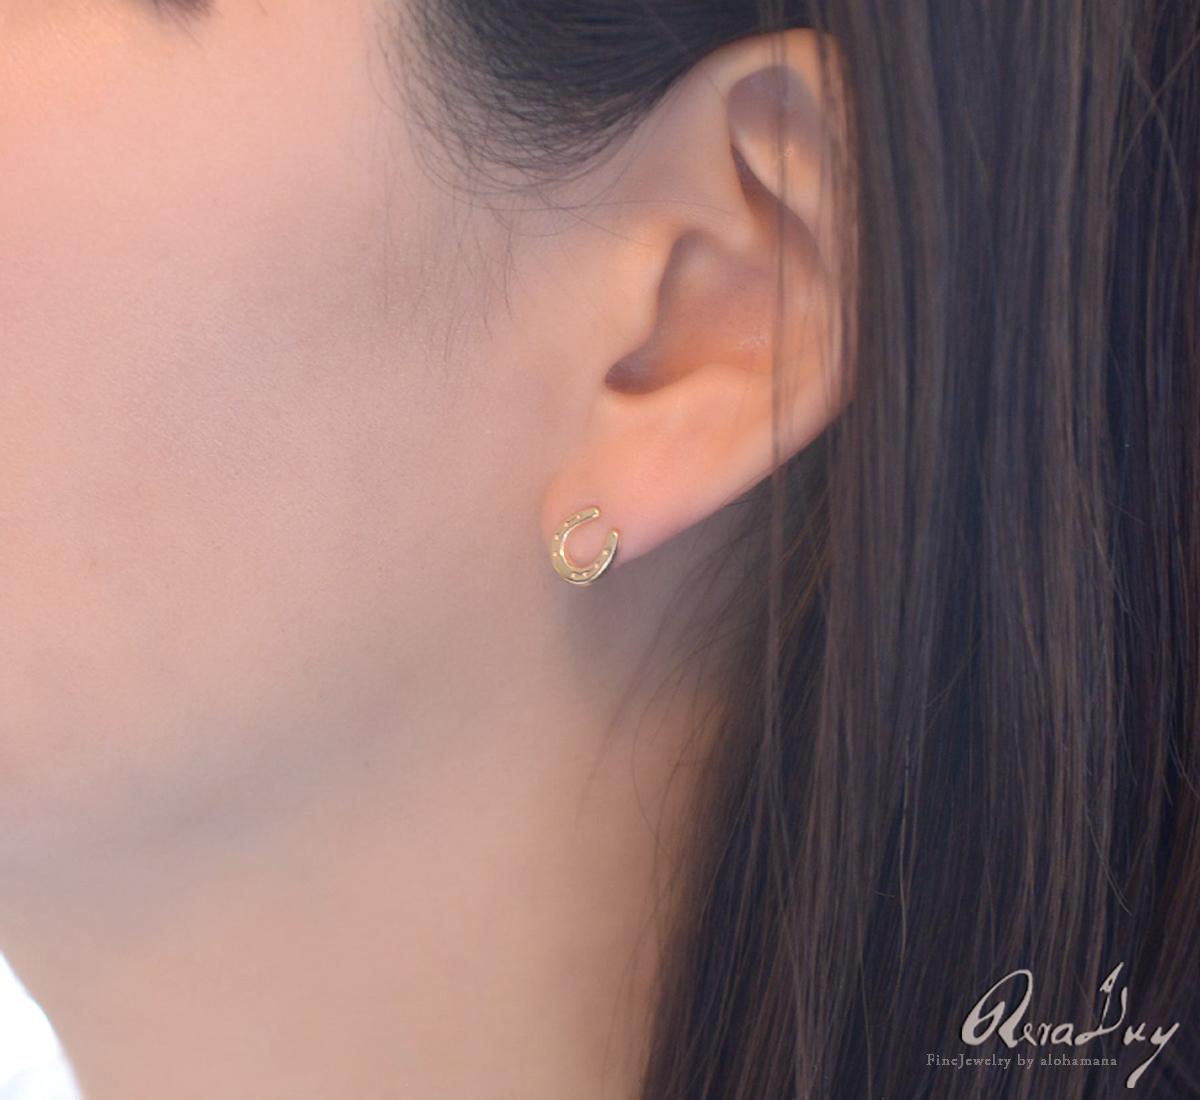 ピアス レディース 女性 アクセサリー 18金 K18 k18 ゴールド(RERALUy) ホースシュー  馬蹄 ピアス 両耳用 イエローゴールド フック ピアス rpe1665k18 新作